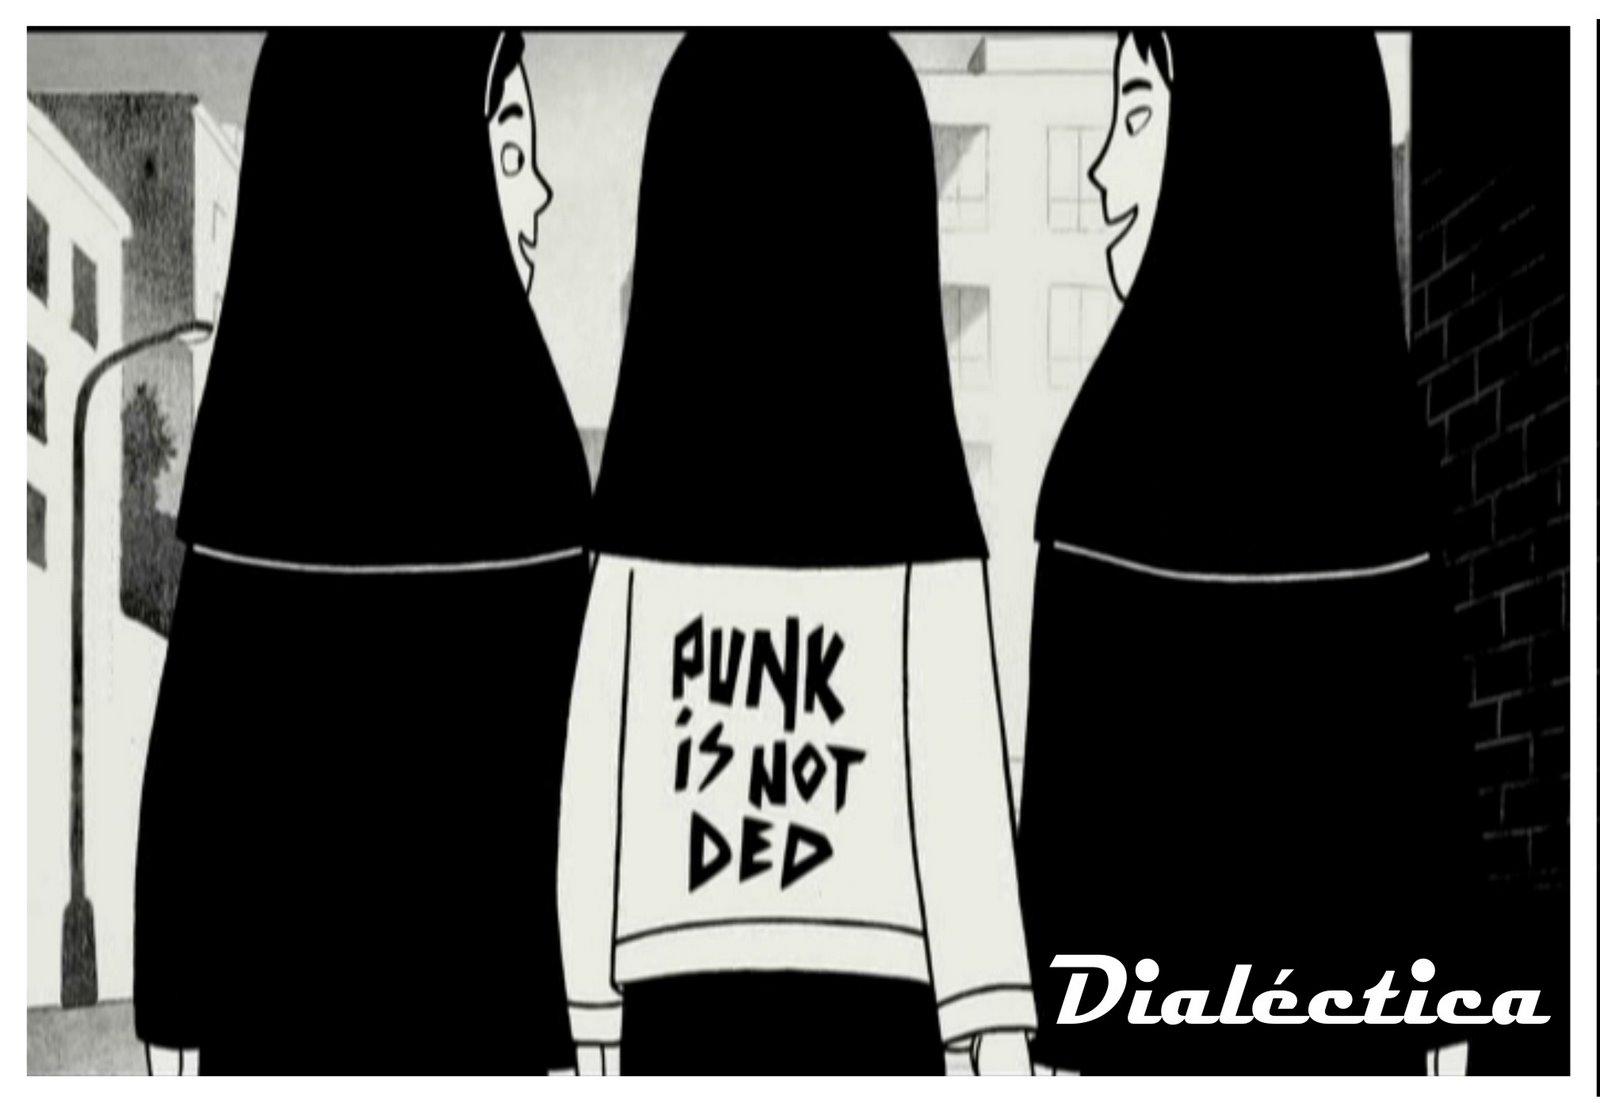 [punk+is+not+ded.jpg]